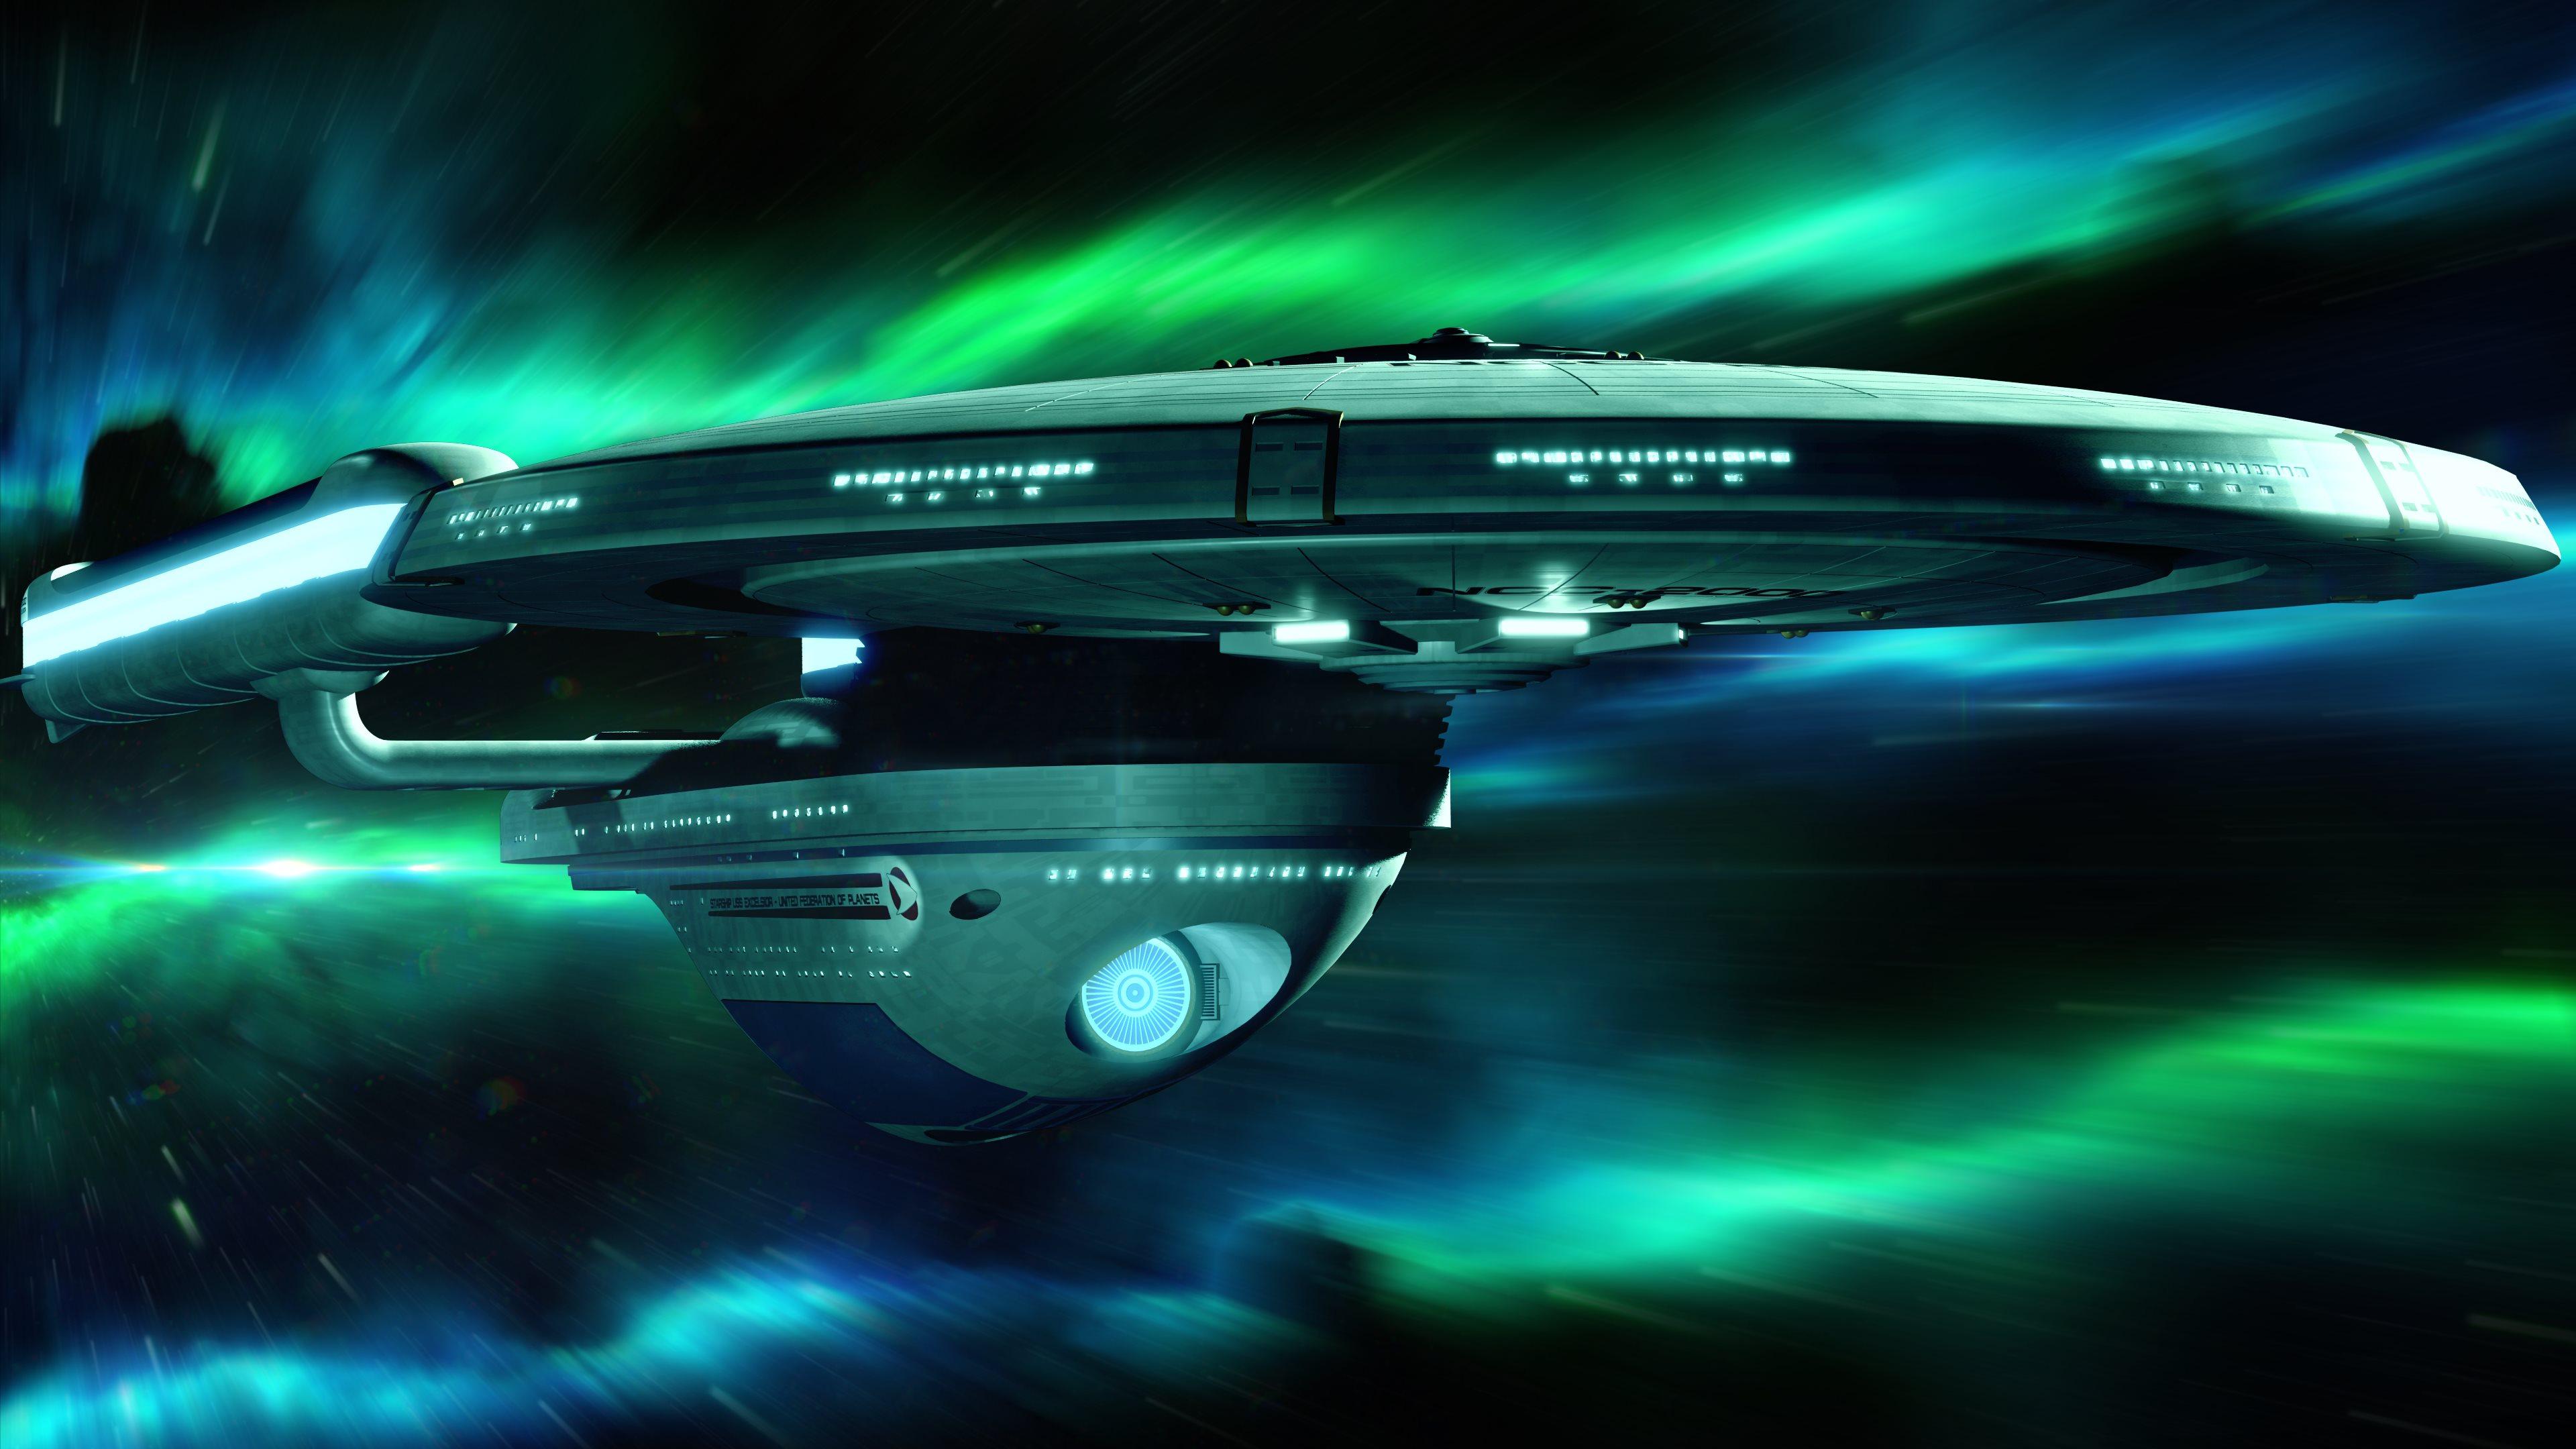 1080P Star Trek Wallpaper - WallpaperSafari